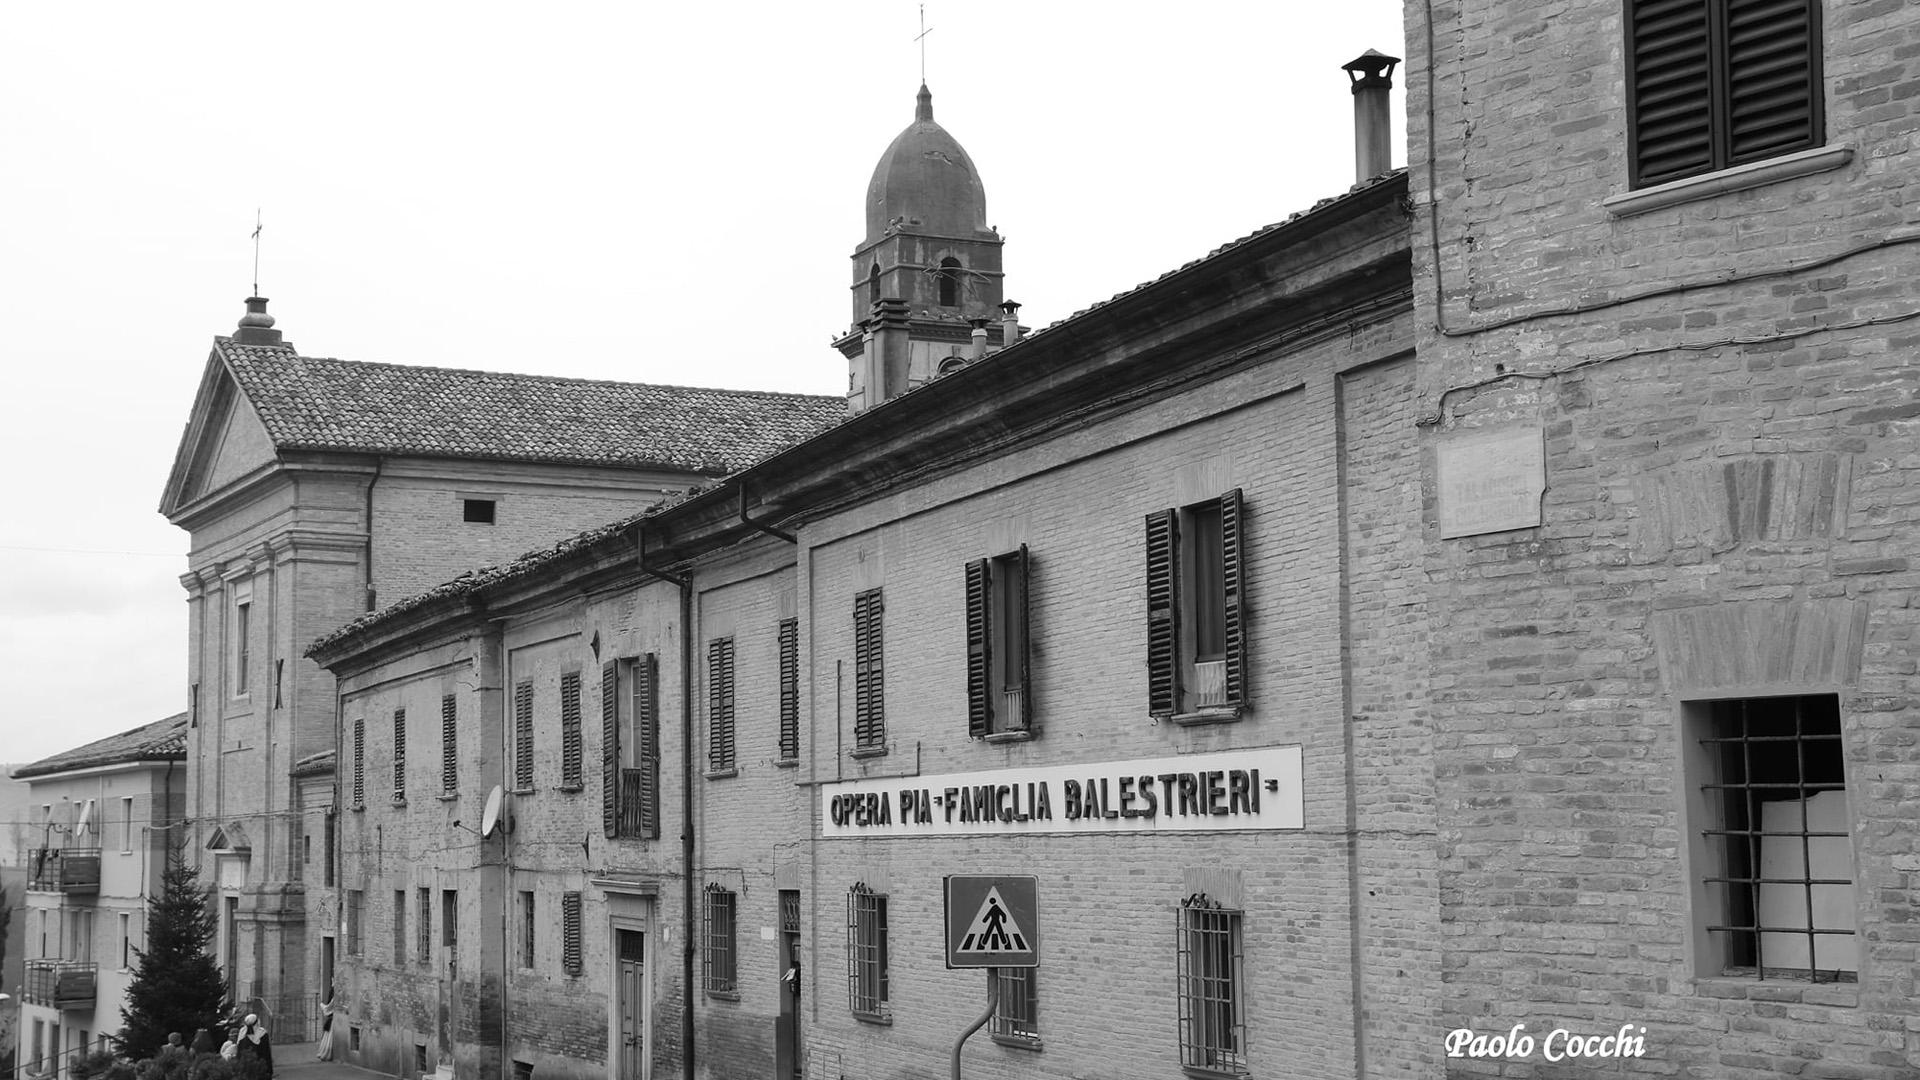 Talacchio, Foto di Paolo Cocchi